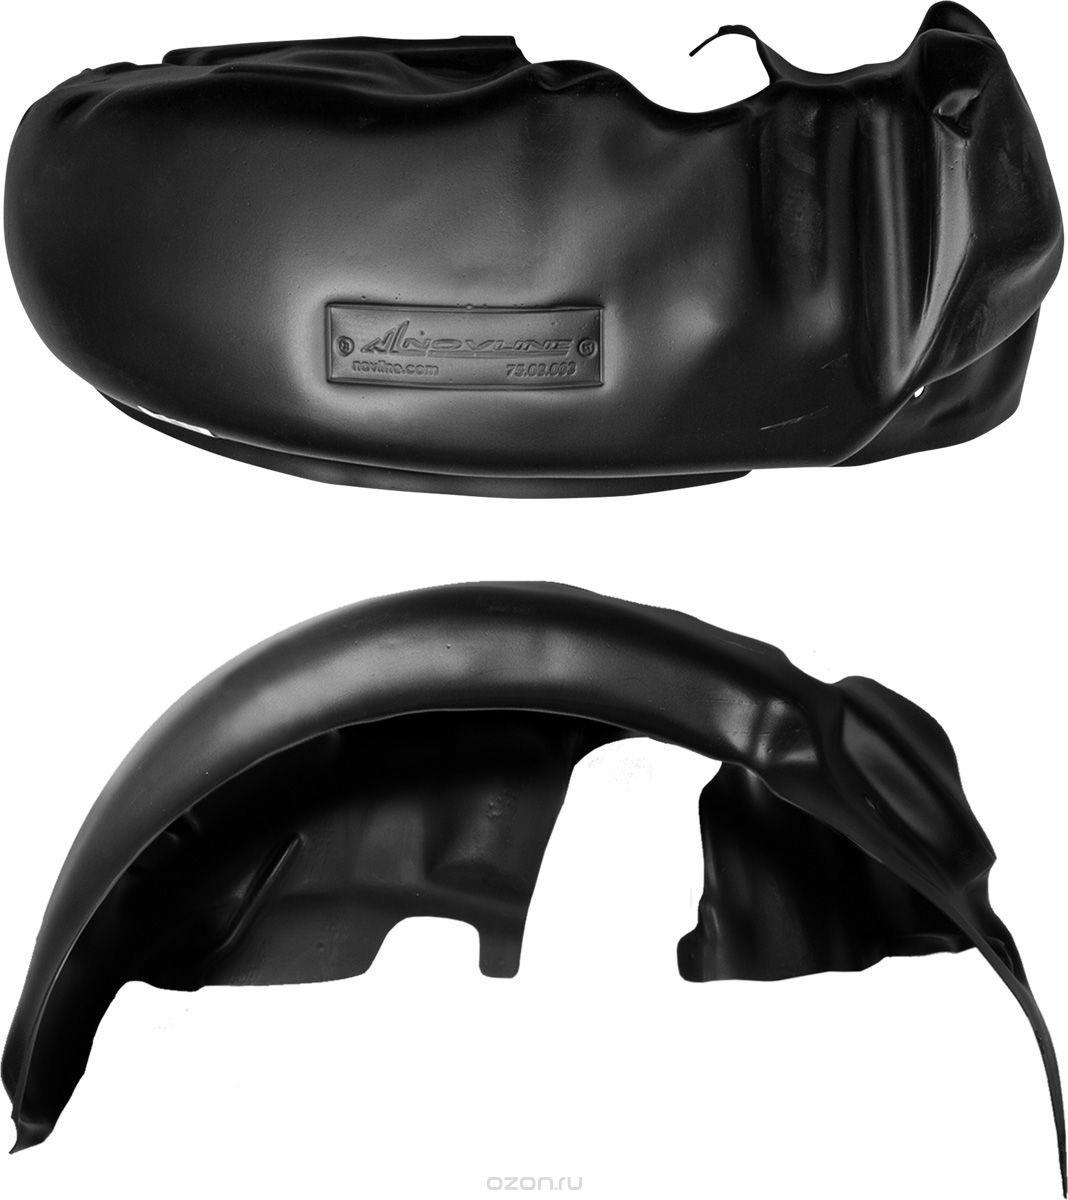 Подкрылок Novline-Autofamily, для PEUGEOT Boxer /CITROEN Jumper, передний левый с расширителями арок, 2006-2014DW90Идеальная защита колесной ниши. Локеры разработаны с применением цифровых технологий, гарантируют максимальную повторяемость поверхности арки. Изделия устанавливаются без нарушения лакокрасочного покрытия автомобиля, каждый подкрылок комплектуется крепежом. Уважаемые клиенты, обращаем ваше внимание, что фотографии на подкрылки универсальные и не отражают реальную форму изделия. При этом само изделие идет точно под размер указанного автомобиля.